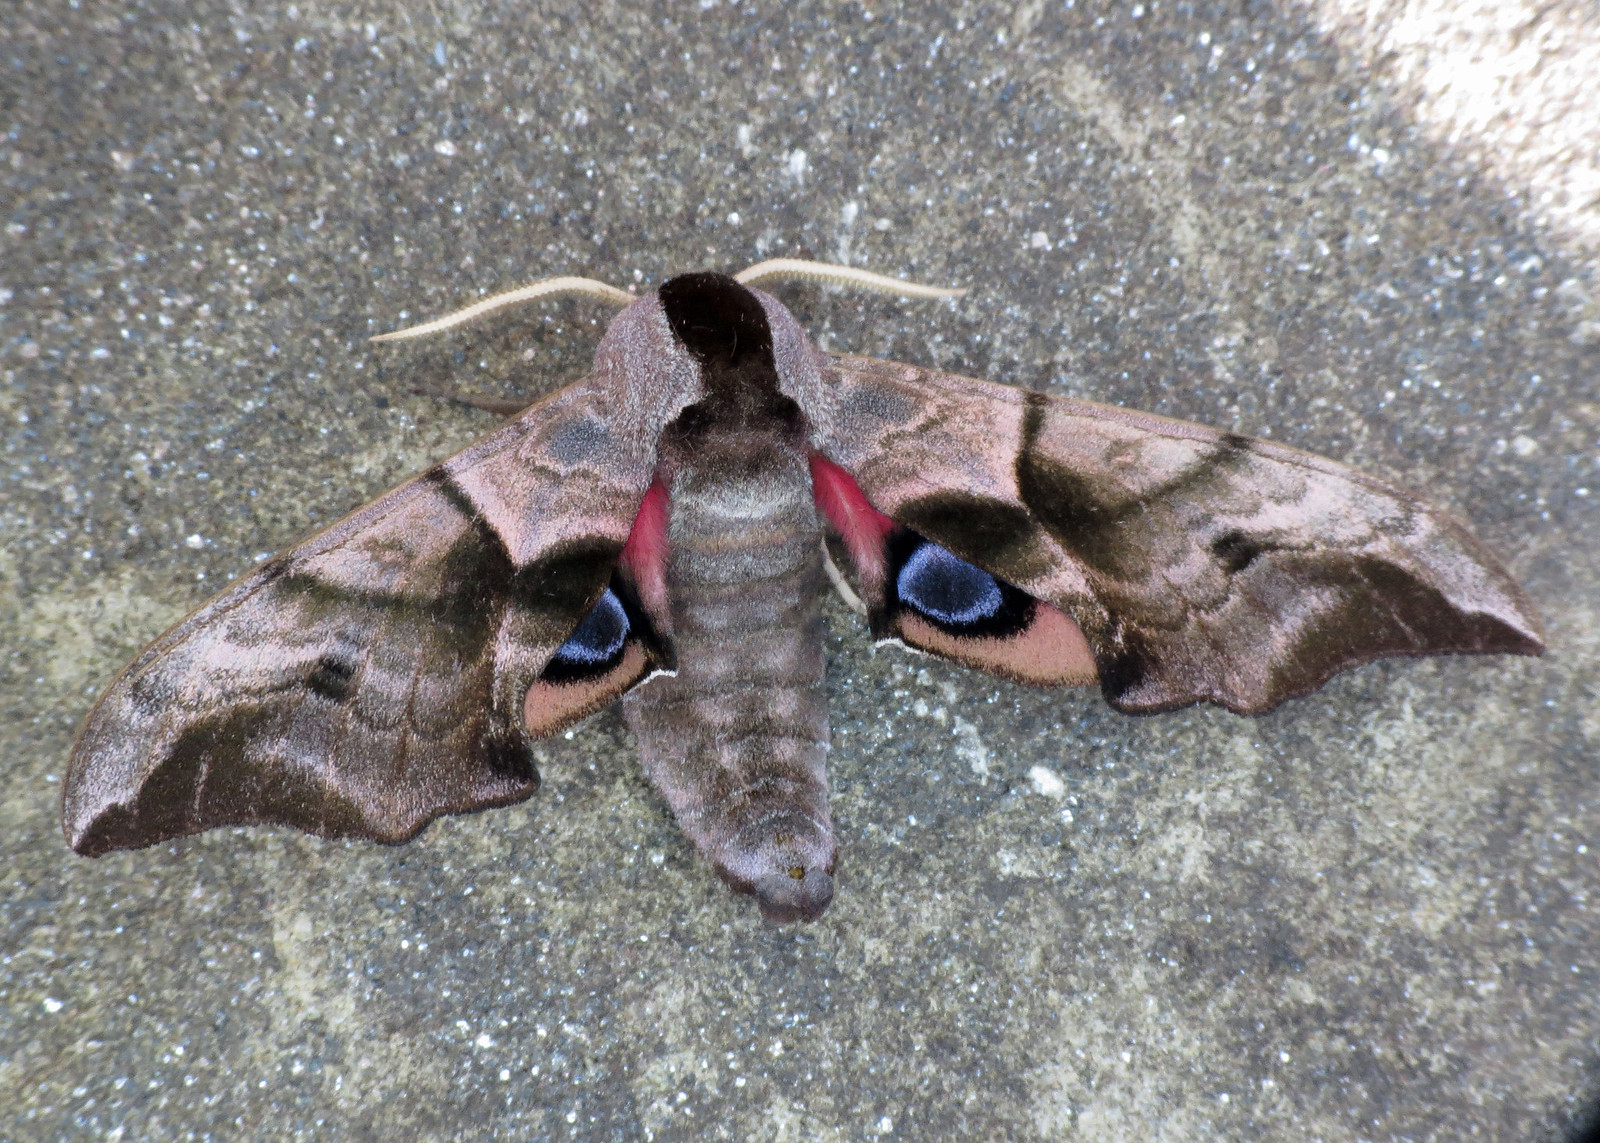 1980 Eyed Hawk-moth - Smerinthus ocellata